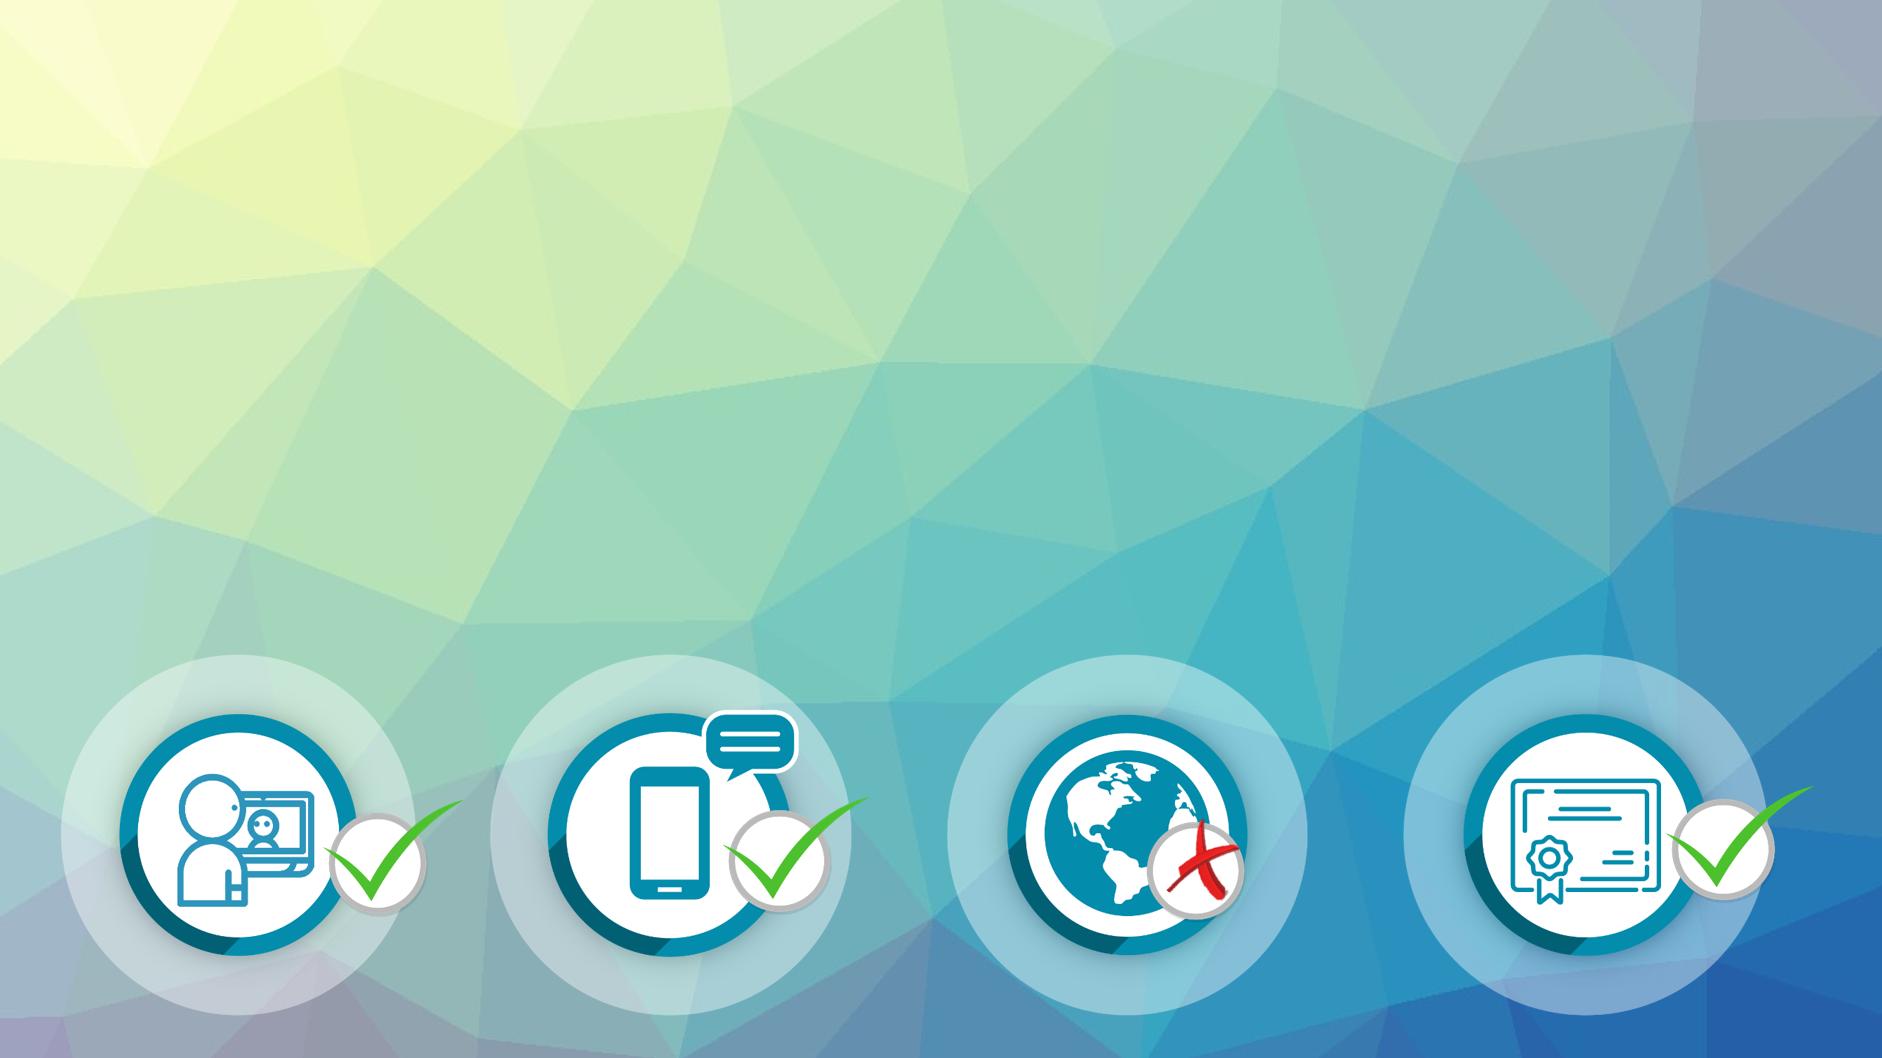 Représentation de la formation : Néerlandais Certification BRIGHT LANGUAGE : 100% cours particuliers en visio (20h) + e-learning